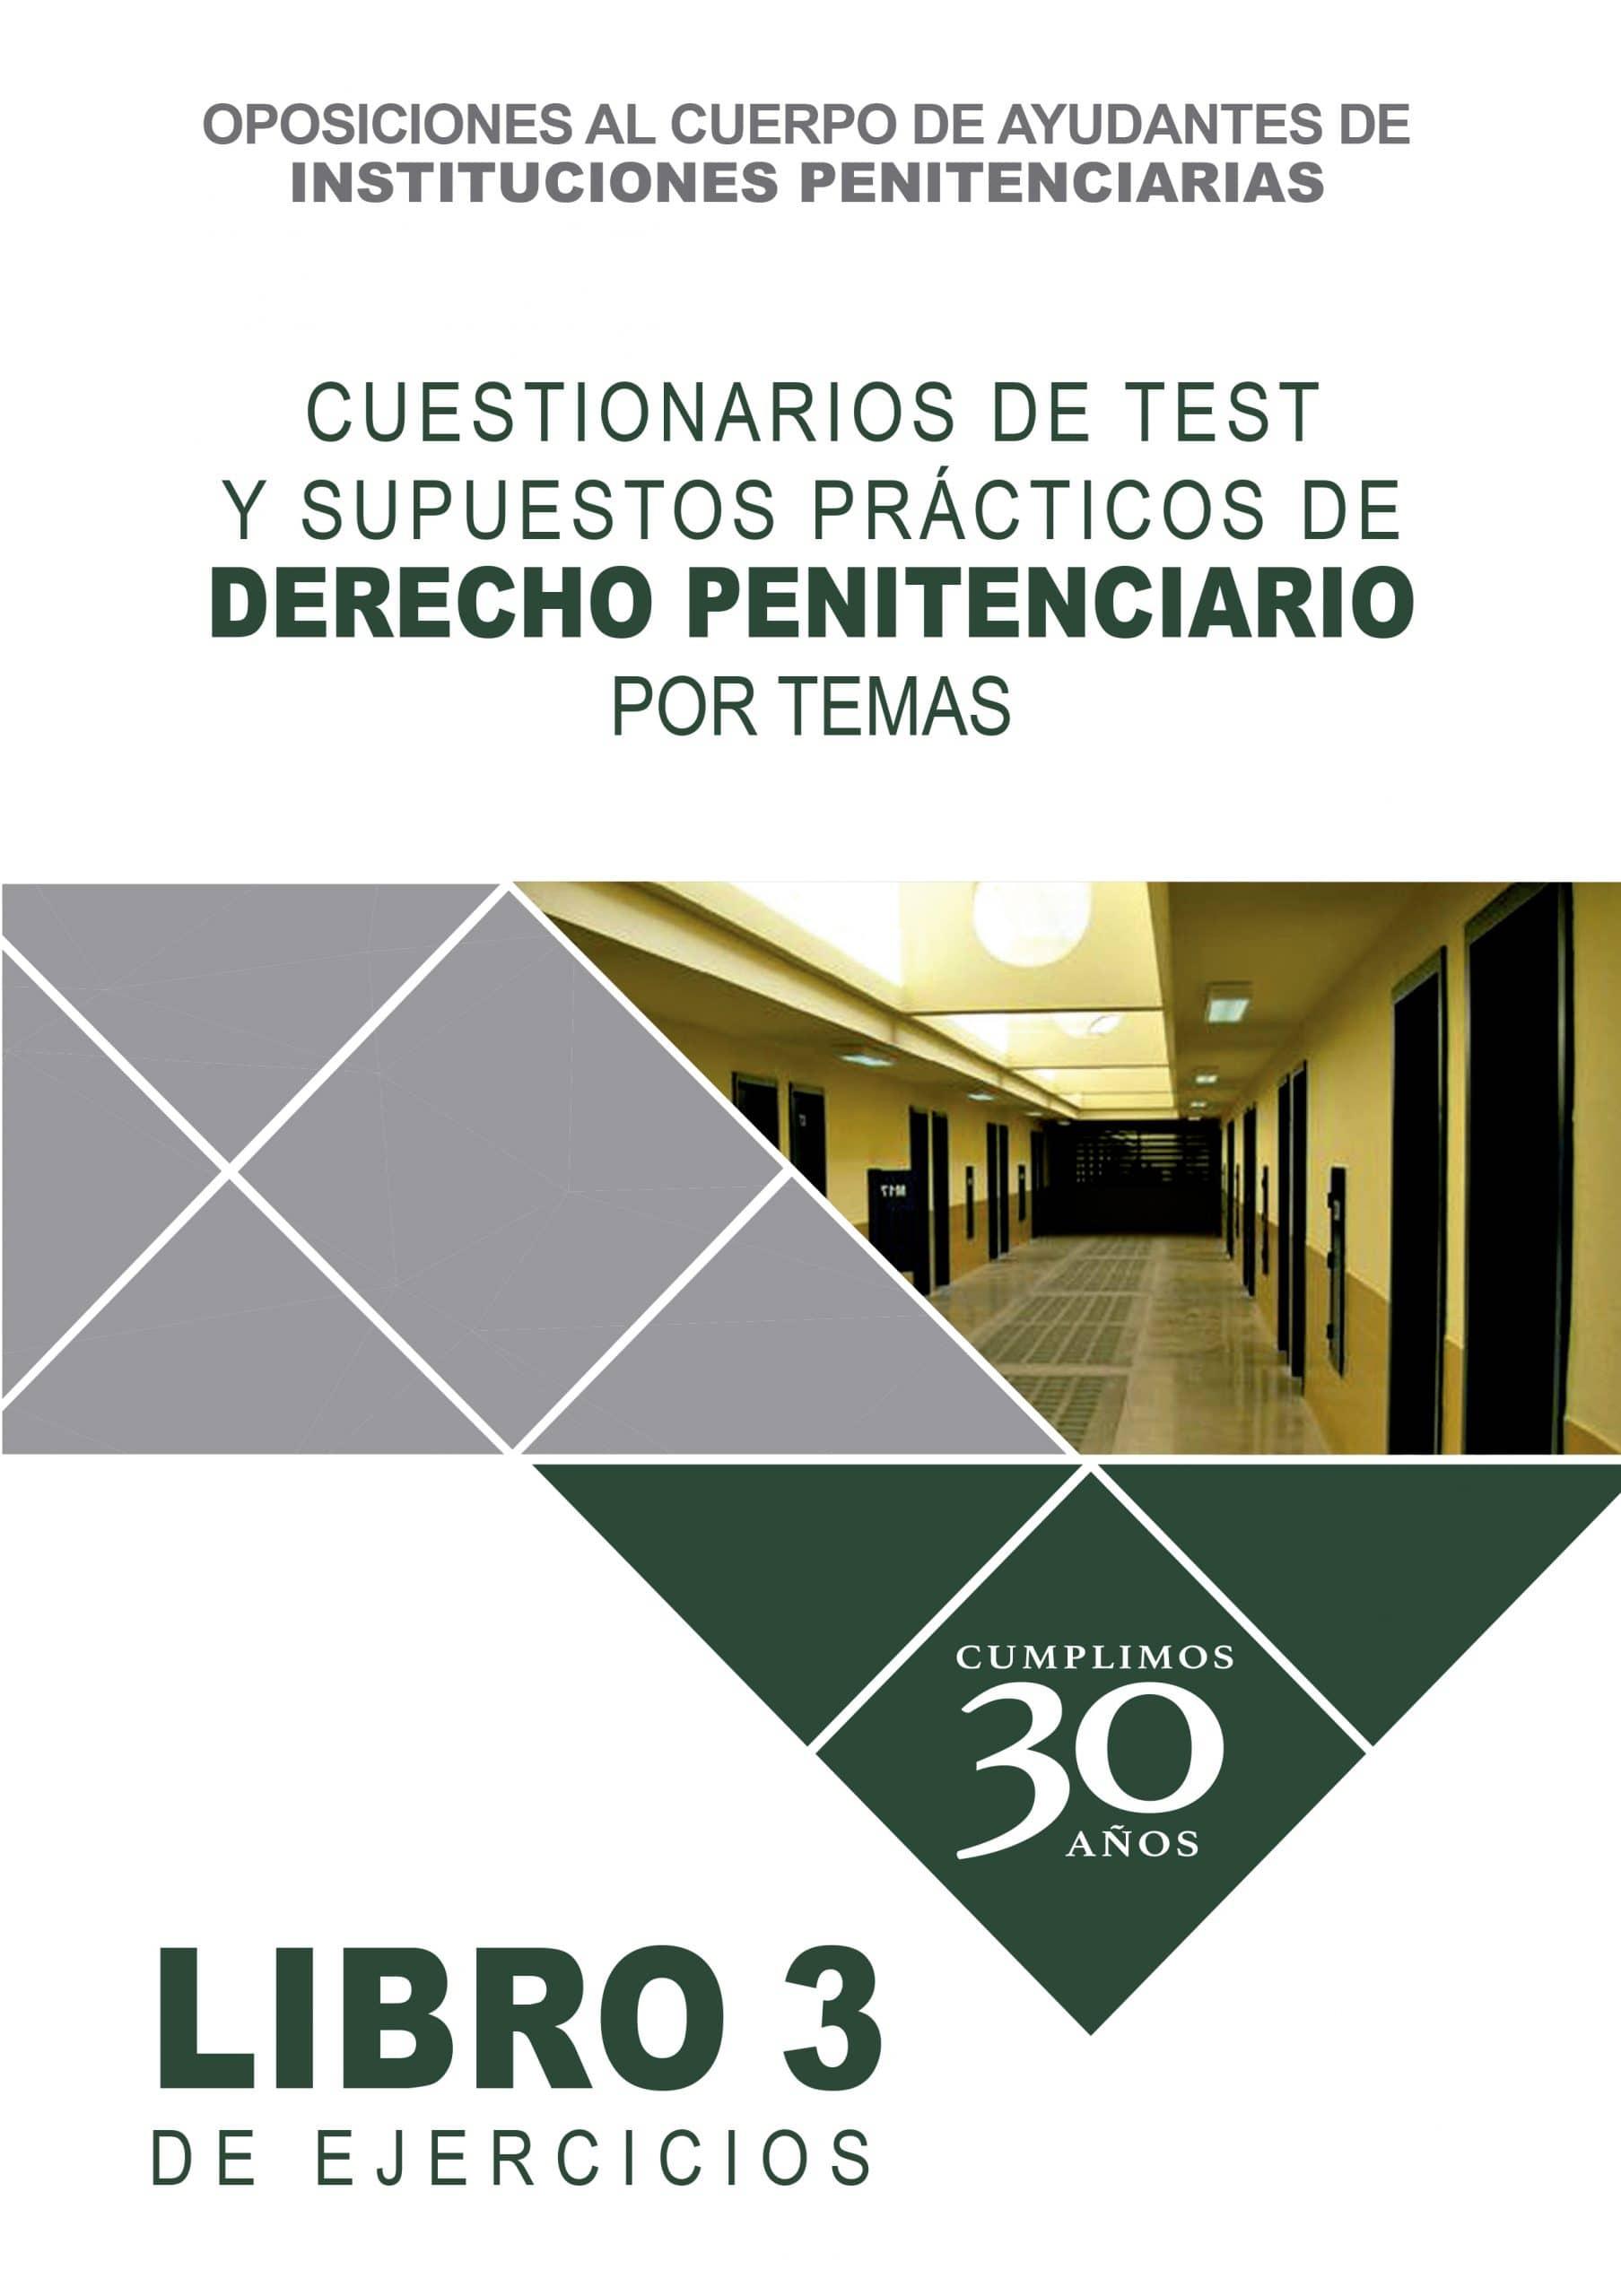 cuestionarios derecho penitenciario